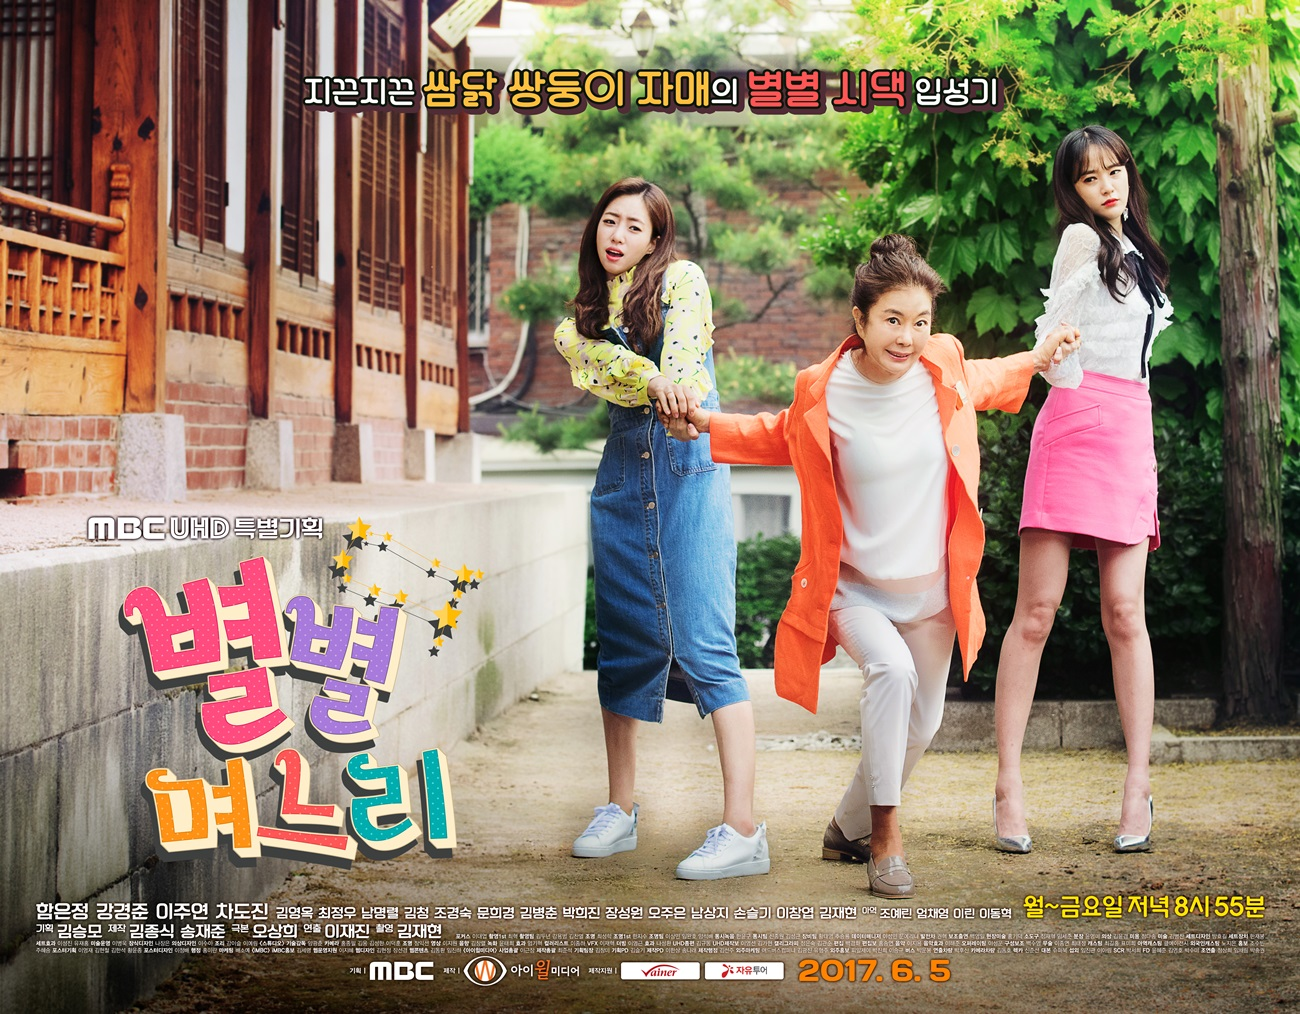 <별별 며느리> 함은정-이주연, 천적 쌍둥이의 신경전 담긴 포스터 공개! 이미지-2